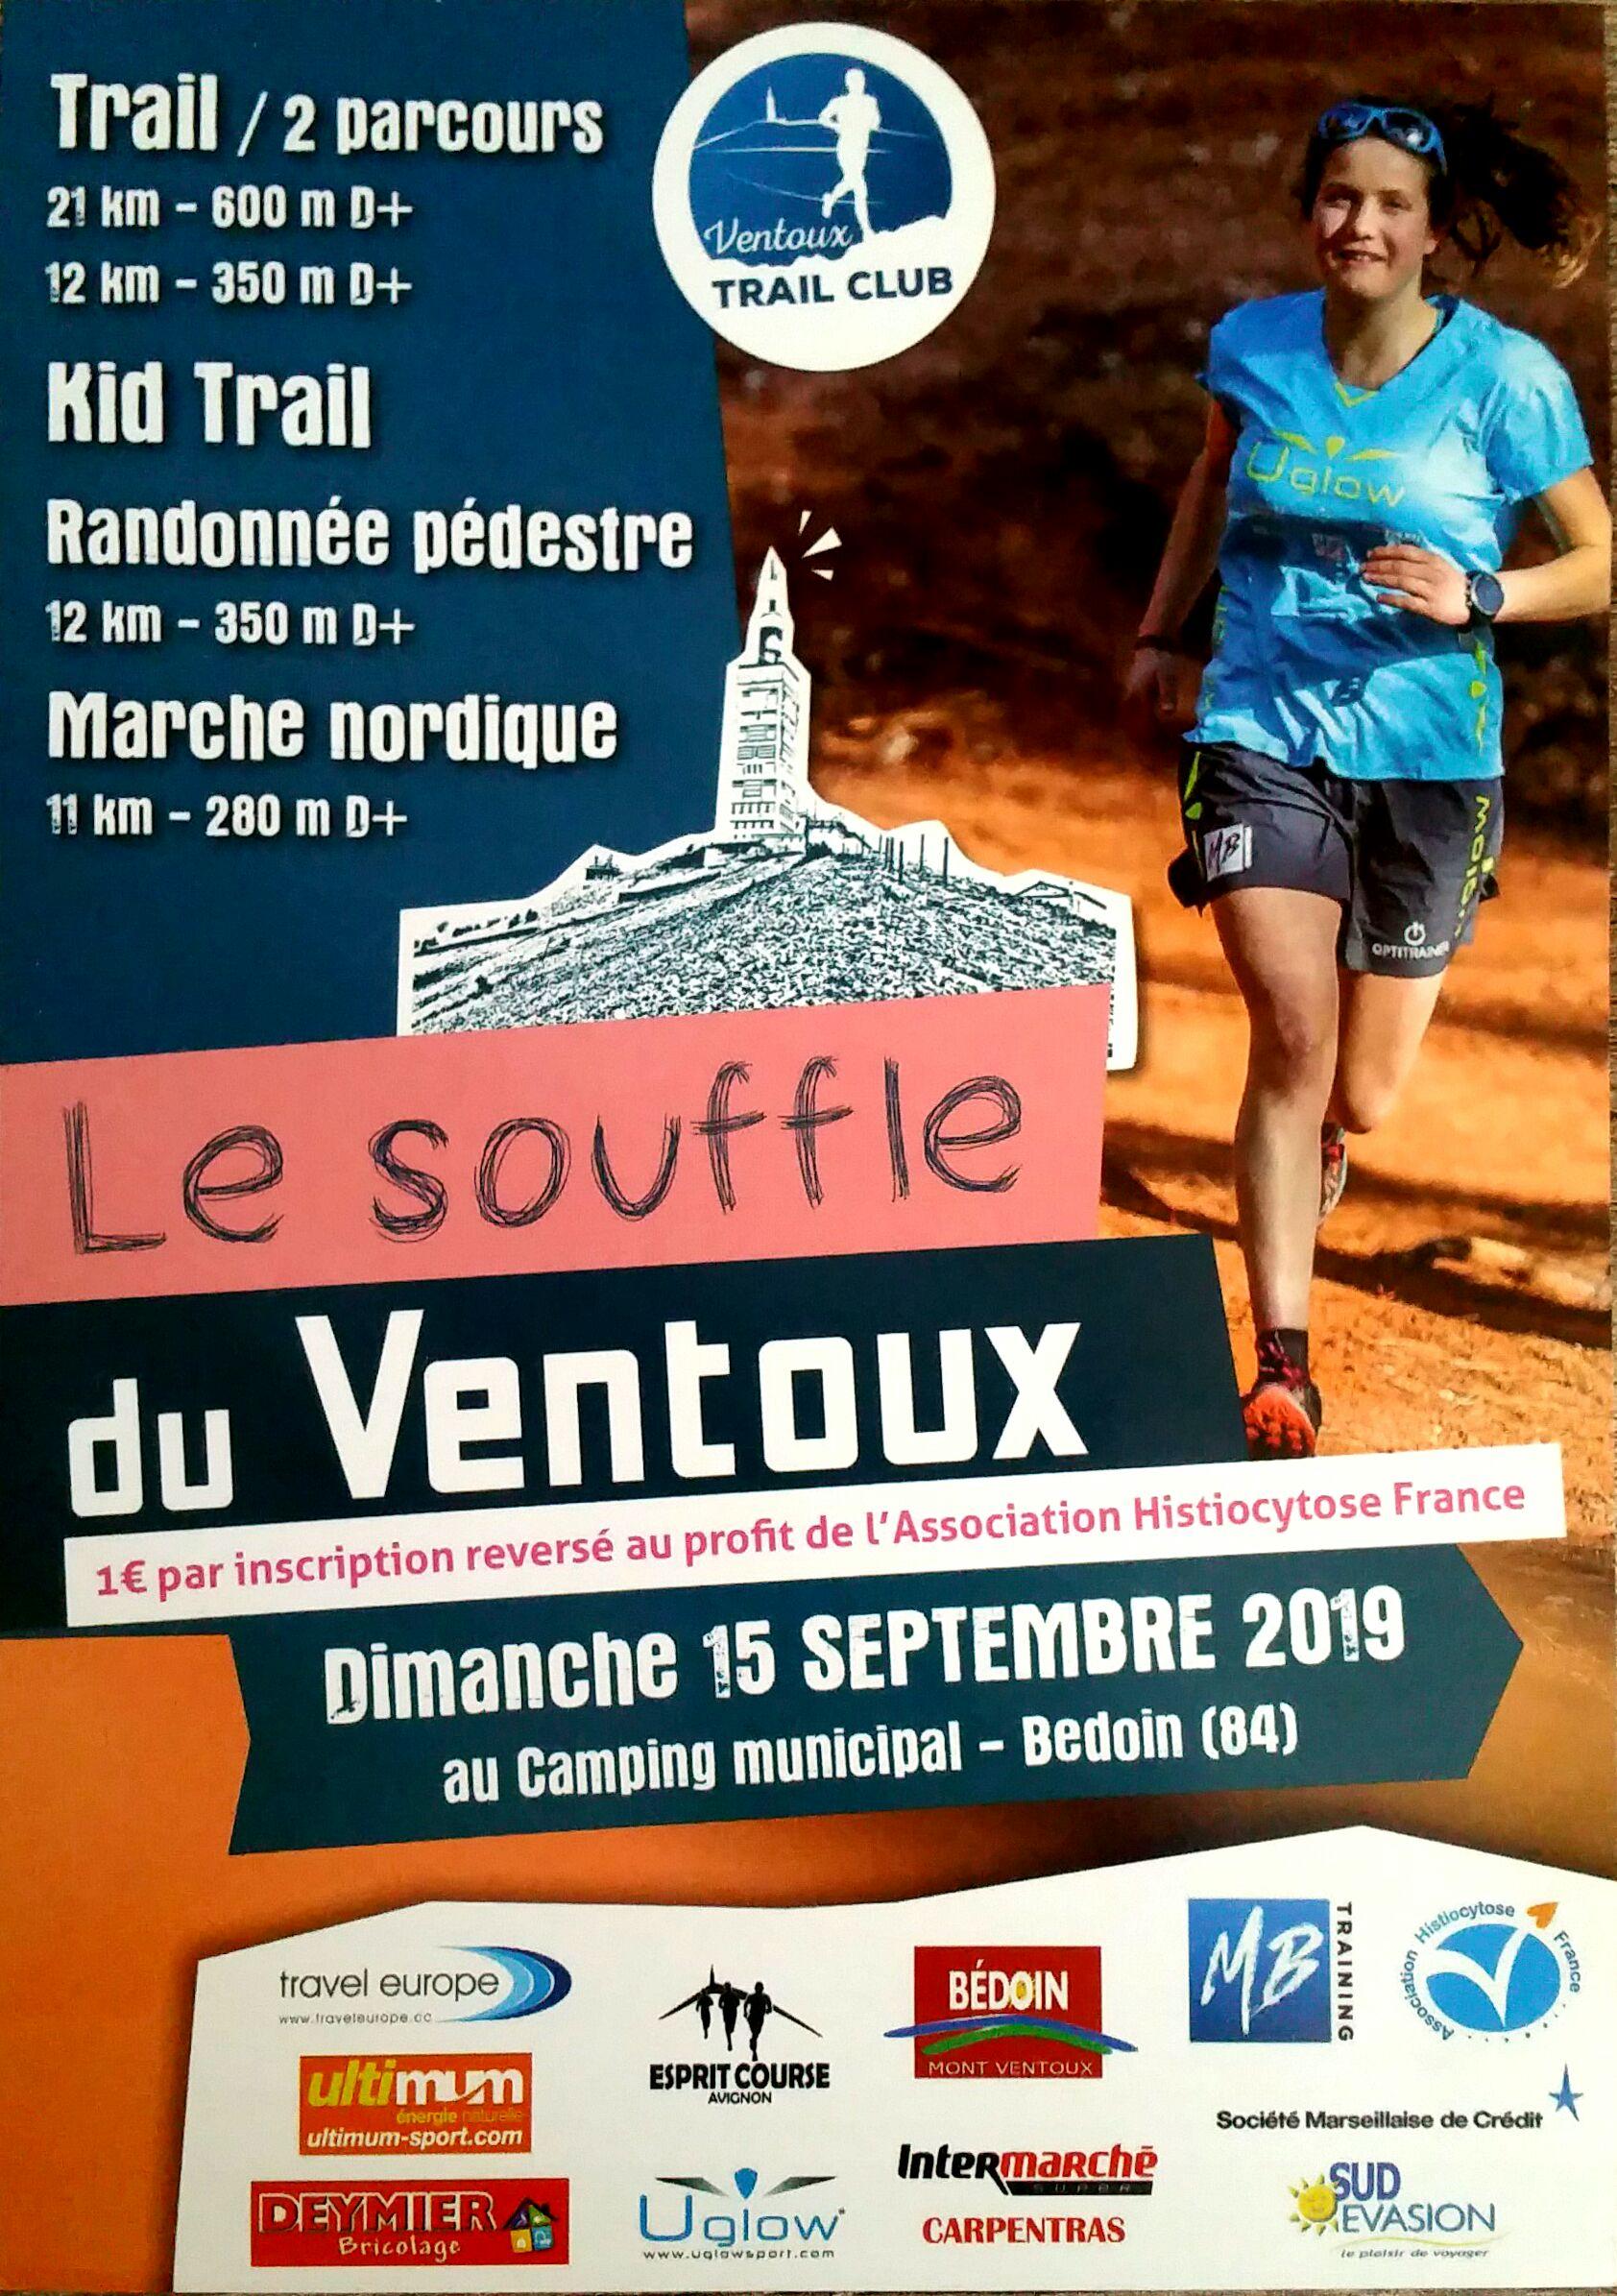 Souffle du Ventoux - Marche nordique 11km